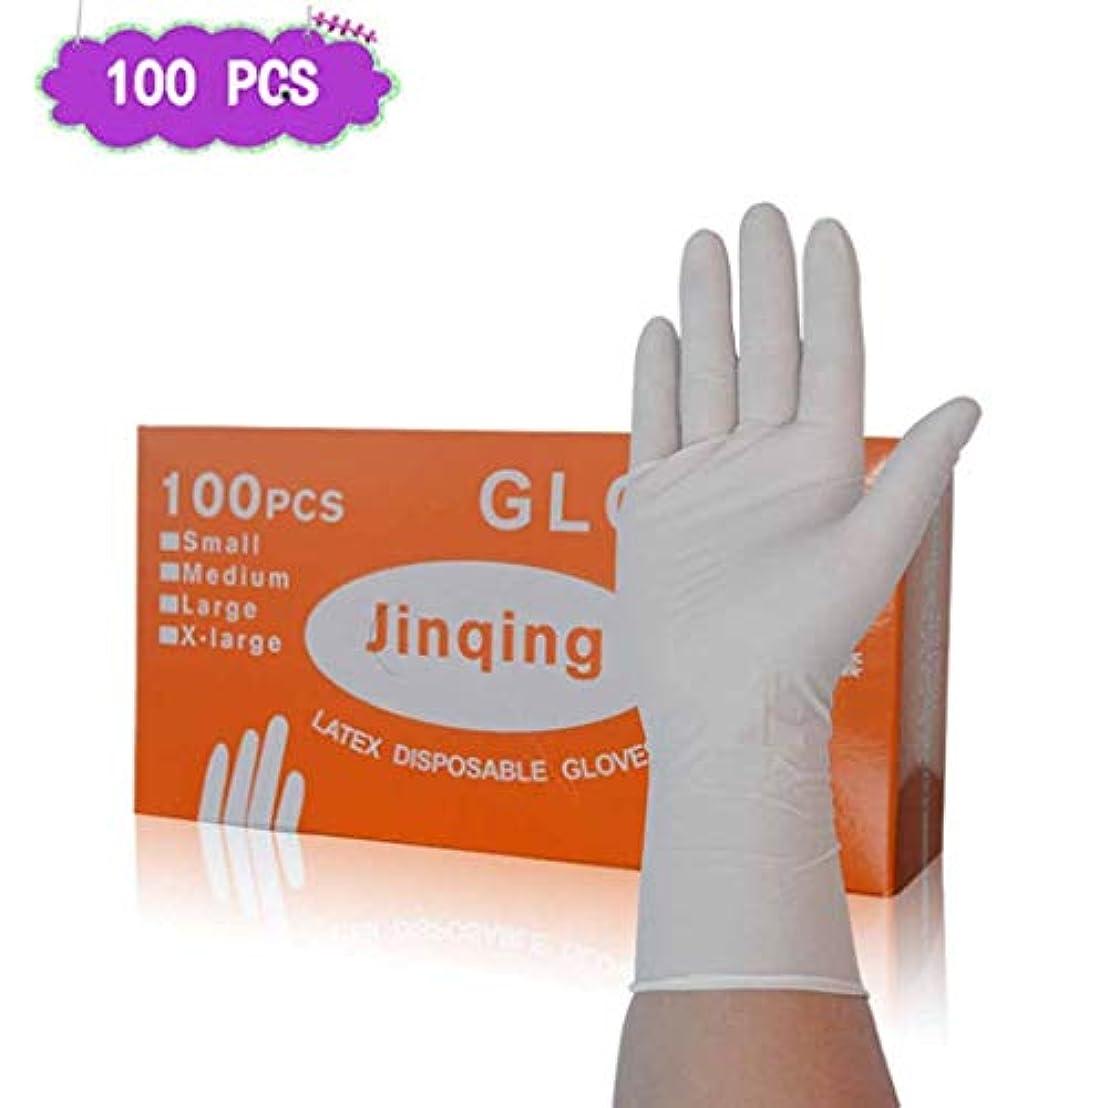 ニトリルグローブ12インチの長い厚い白い食品グレードラテックステストゴム、非滅菌、デューティ試験手袋 病院、法執行機関、食品ベンダー向けのプロフェッショナルグレード (Size : M)